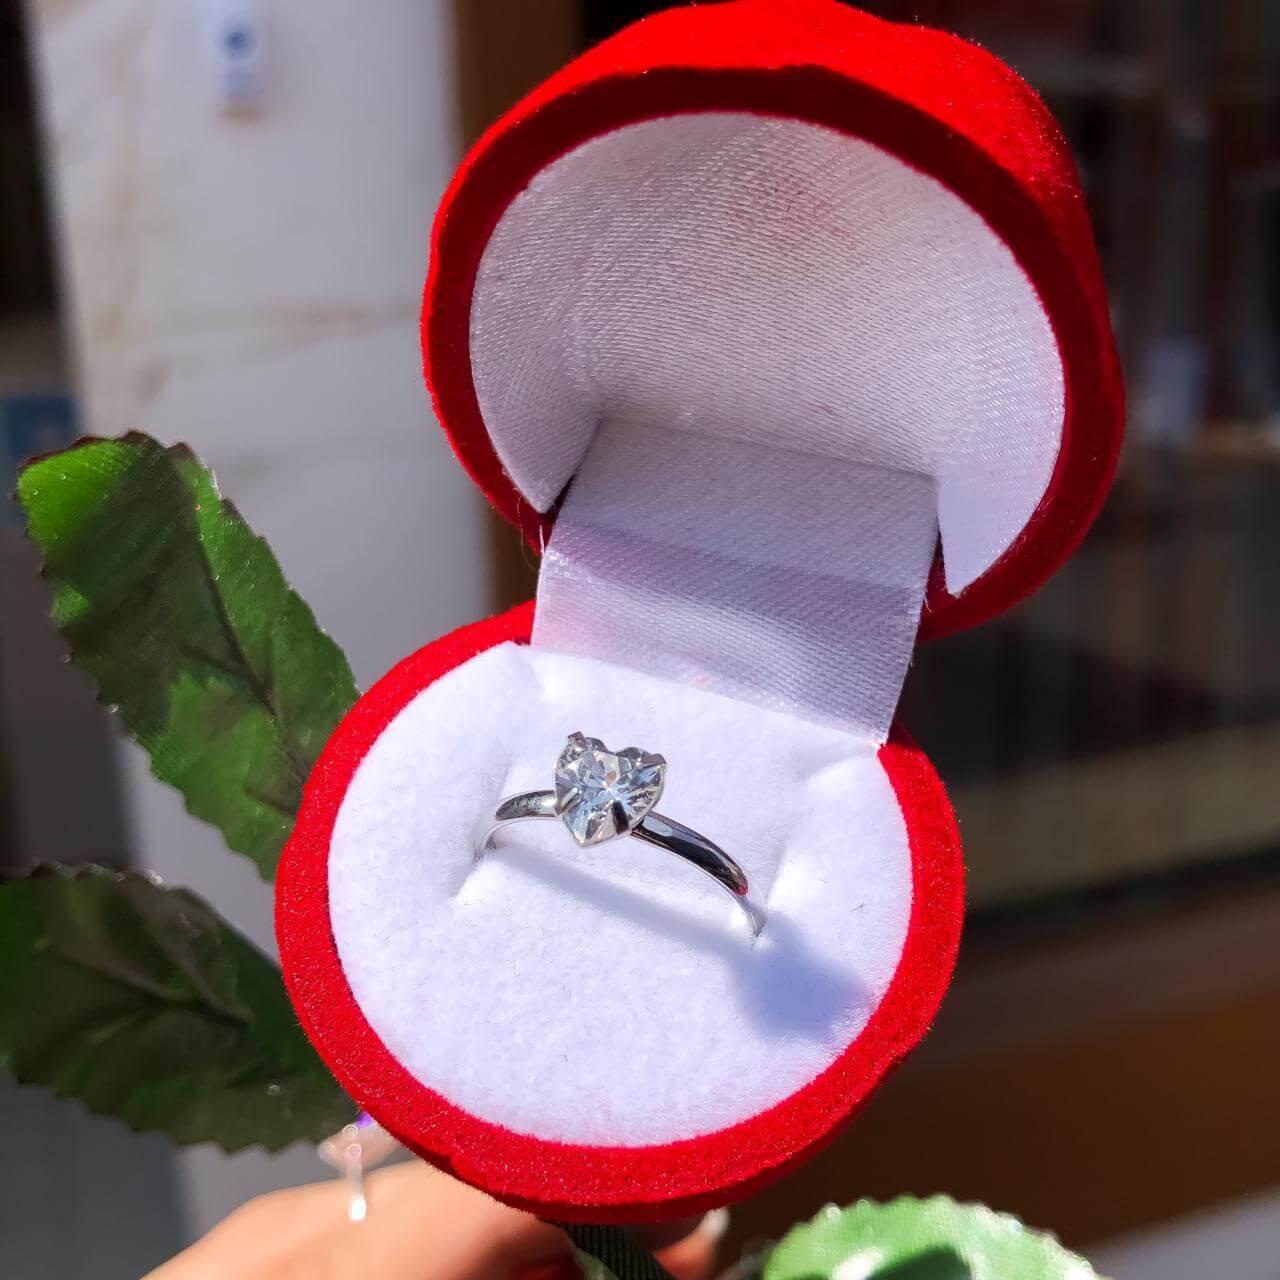 Combo Anel Solitário Coração Aço Inox  + Caixinha Rosa com Caule